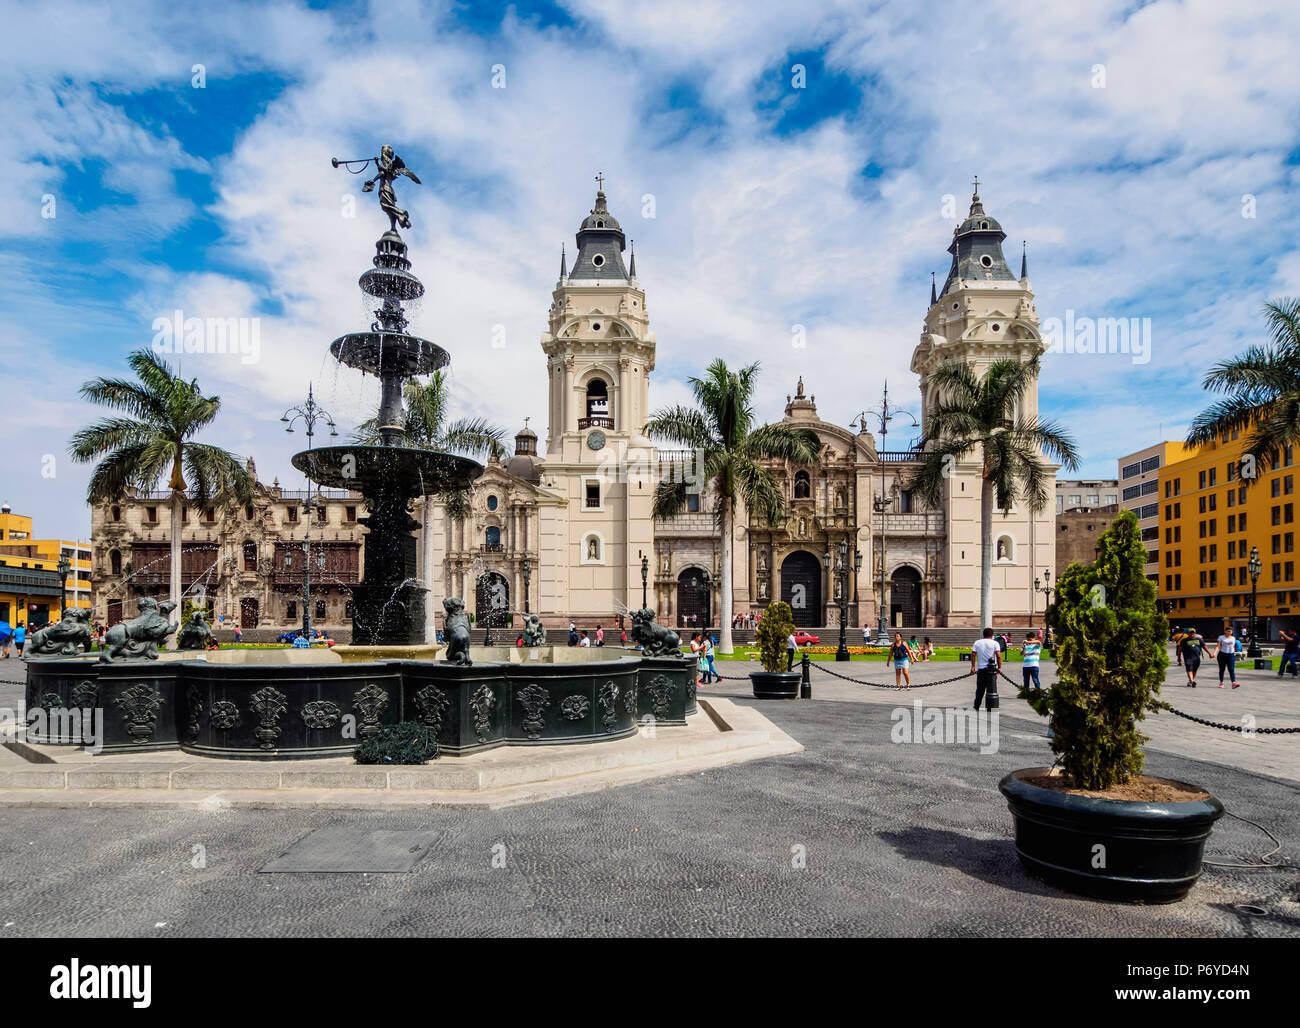 Cattedrale di San Giovanni apostolo ed evangelista, Plaza de Armas, Lima, Peru Immagini Stock